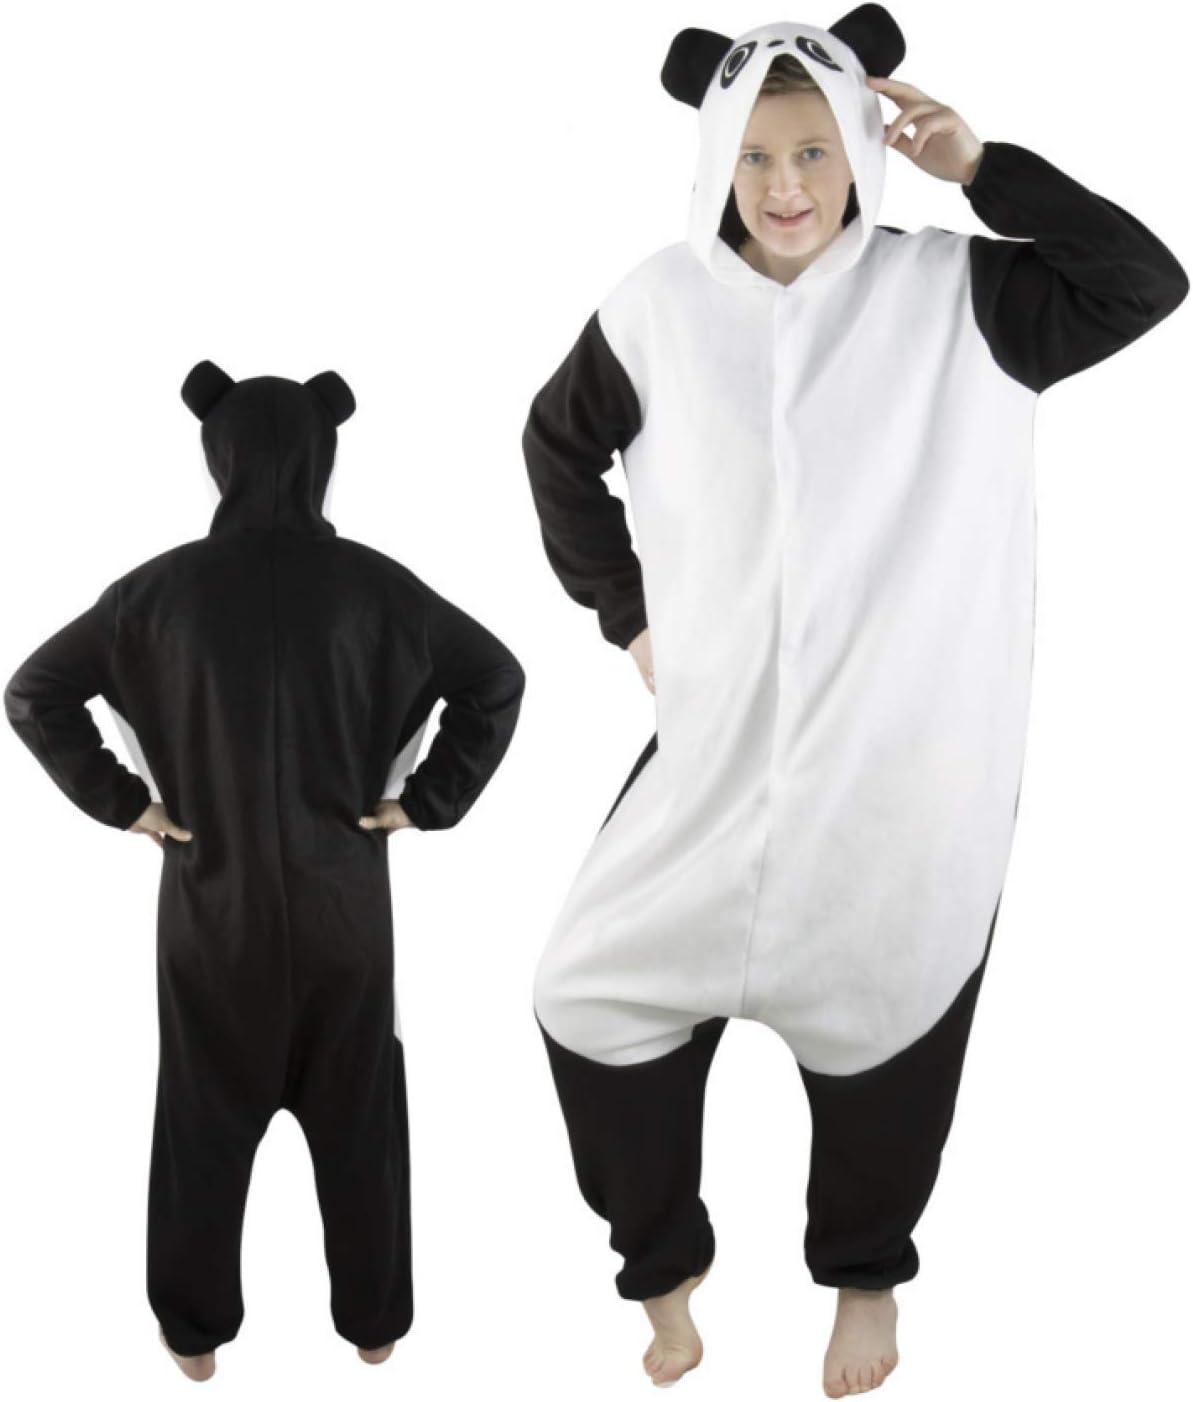 Generique - Disfraz Oso Panda Adulto: Amazon.es: Juguetes y juegos